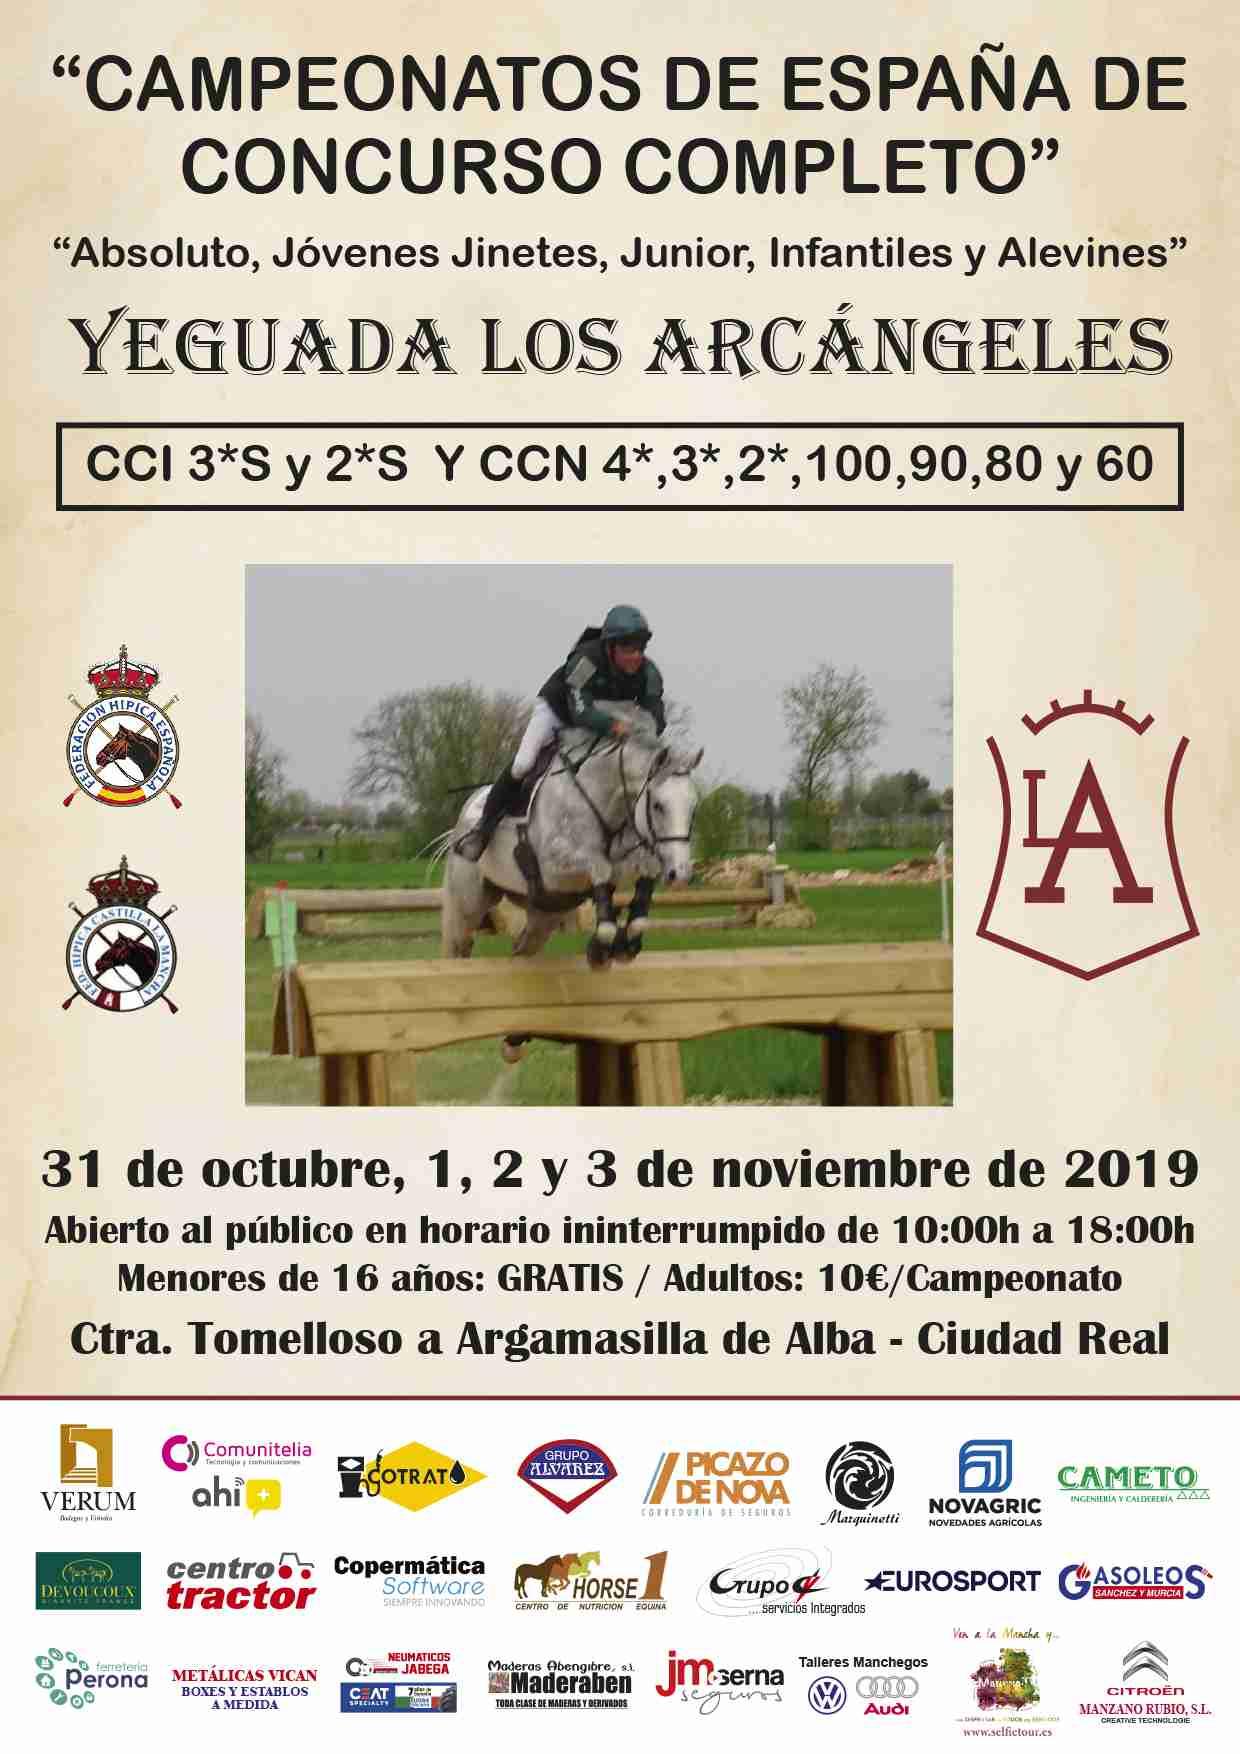 El Campeón de España en Concurso Completo de Equitación será elegido este fin de semana en Tomelloso 4